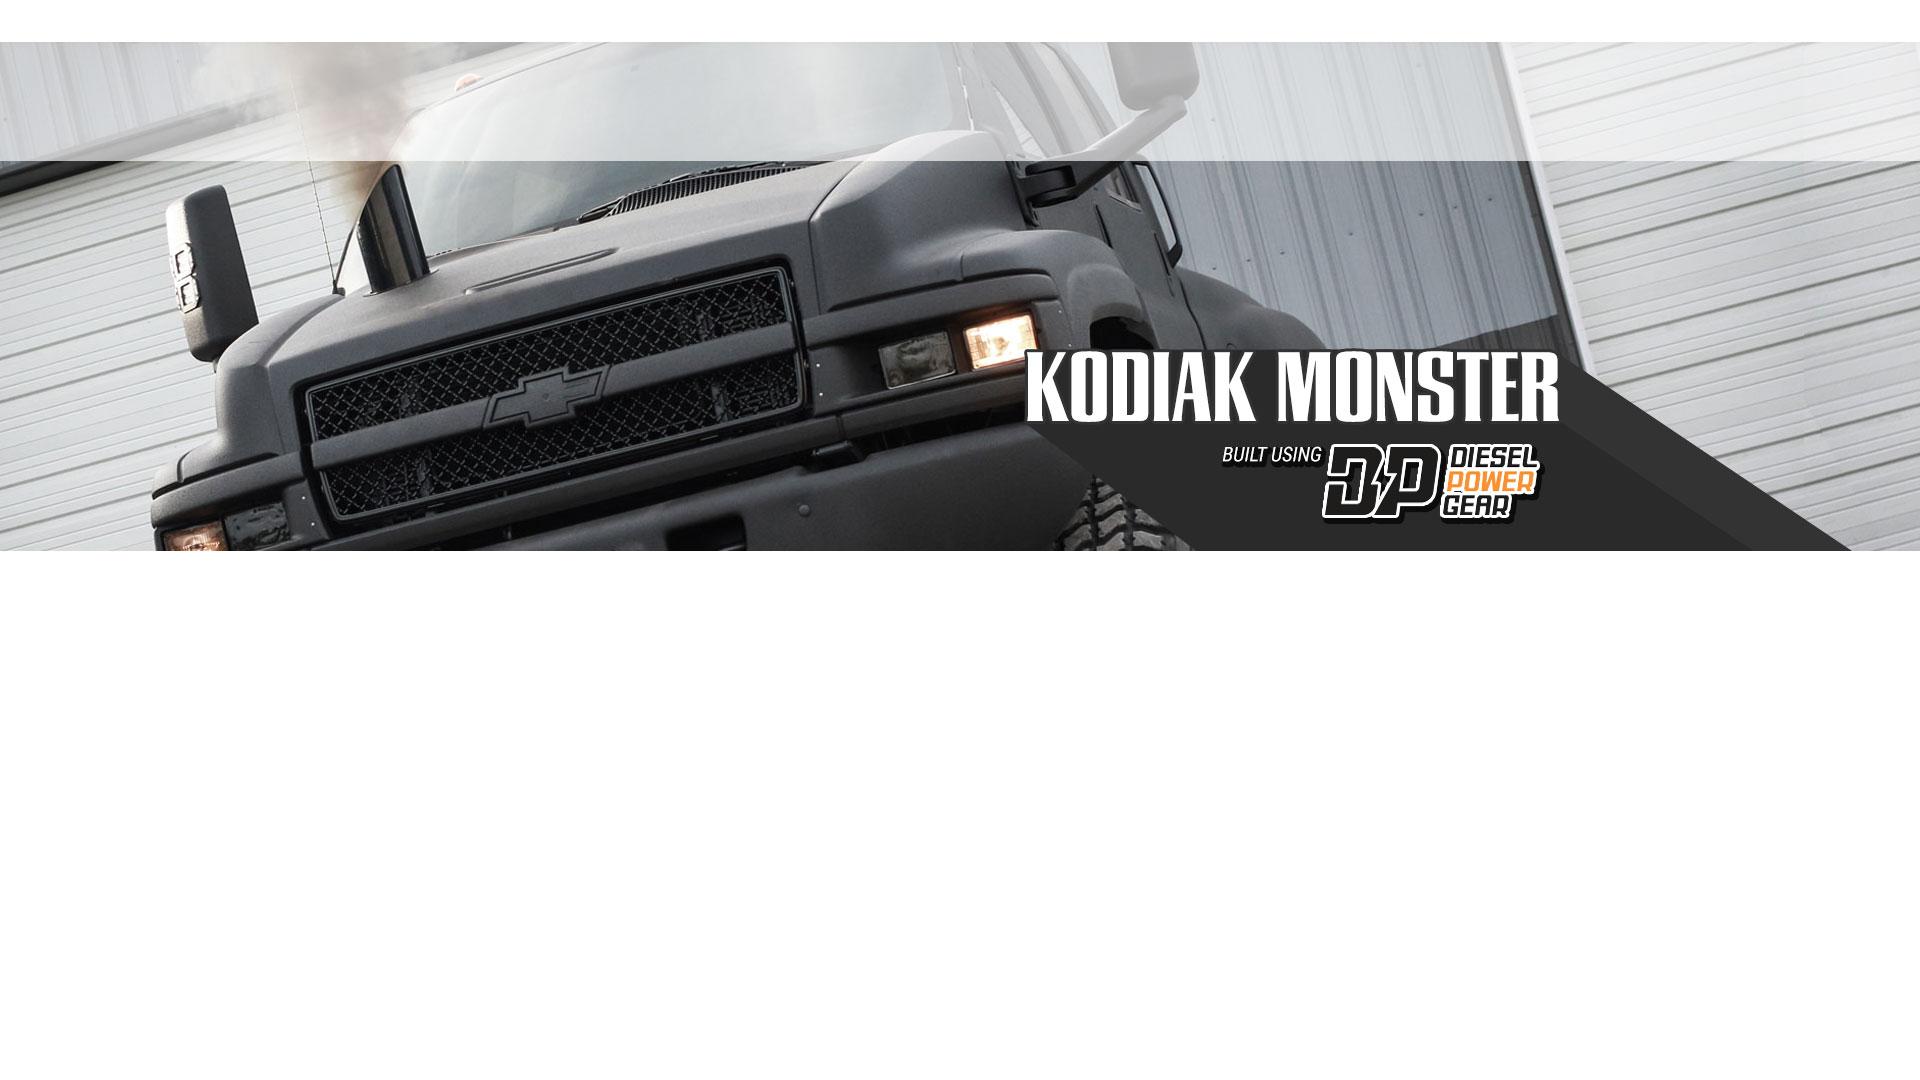 Kodiak Monster